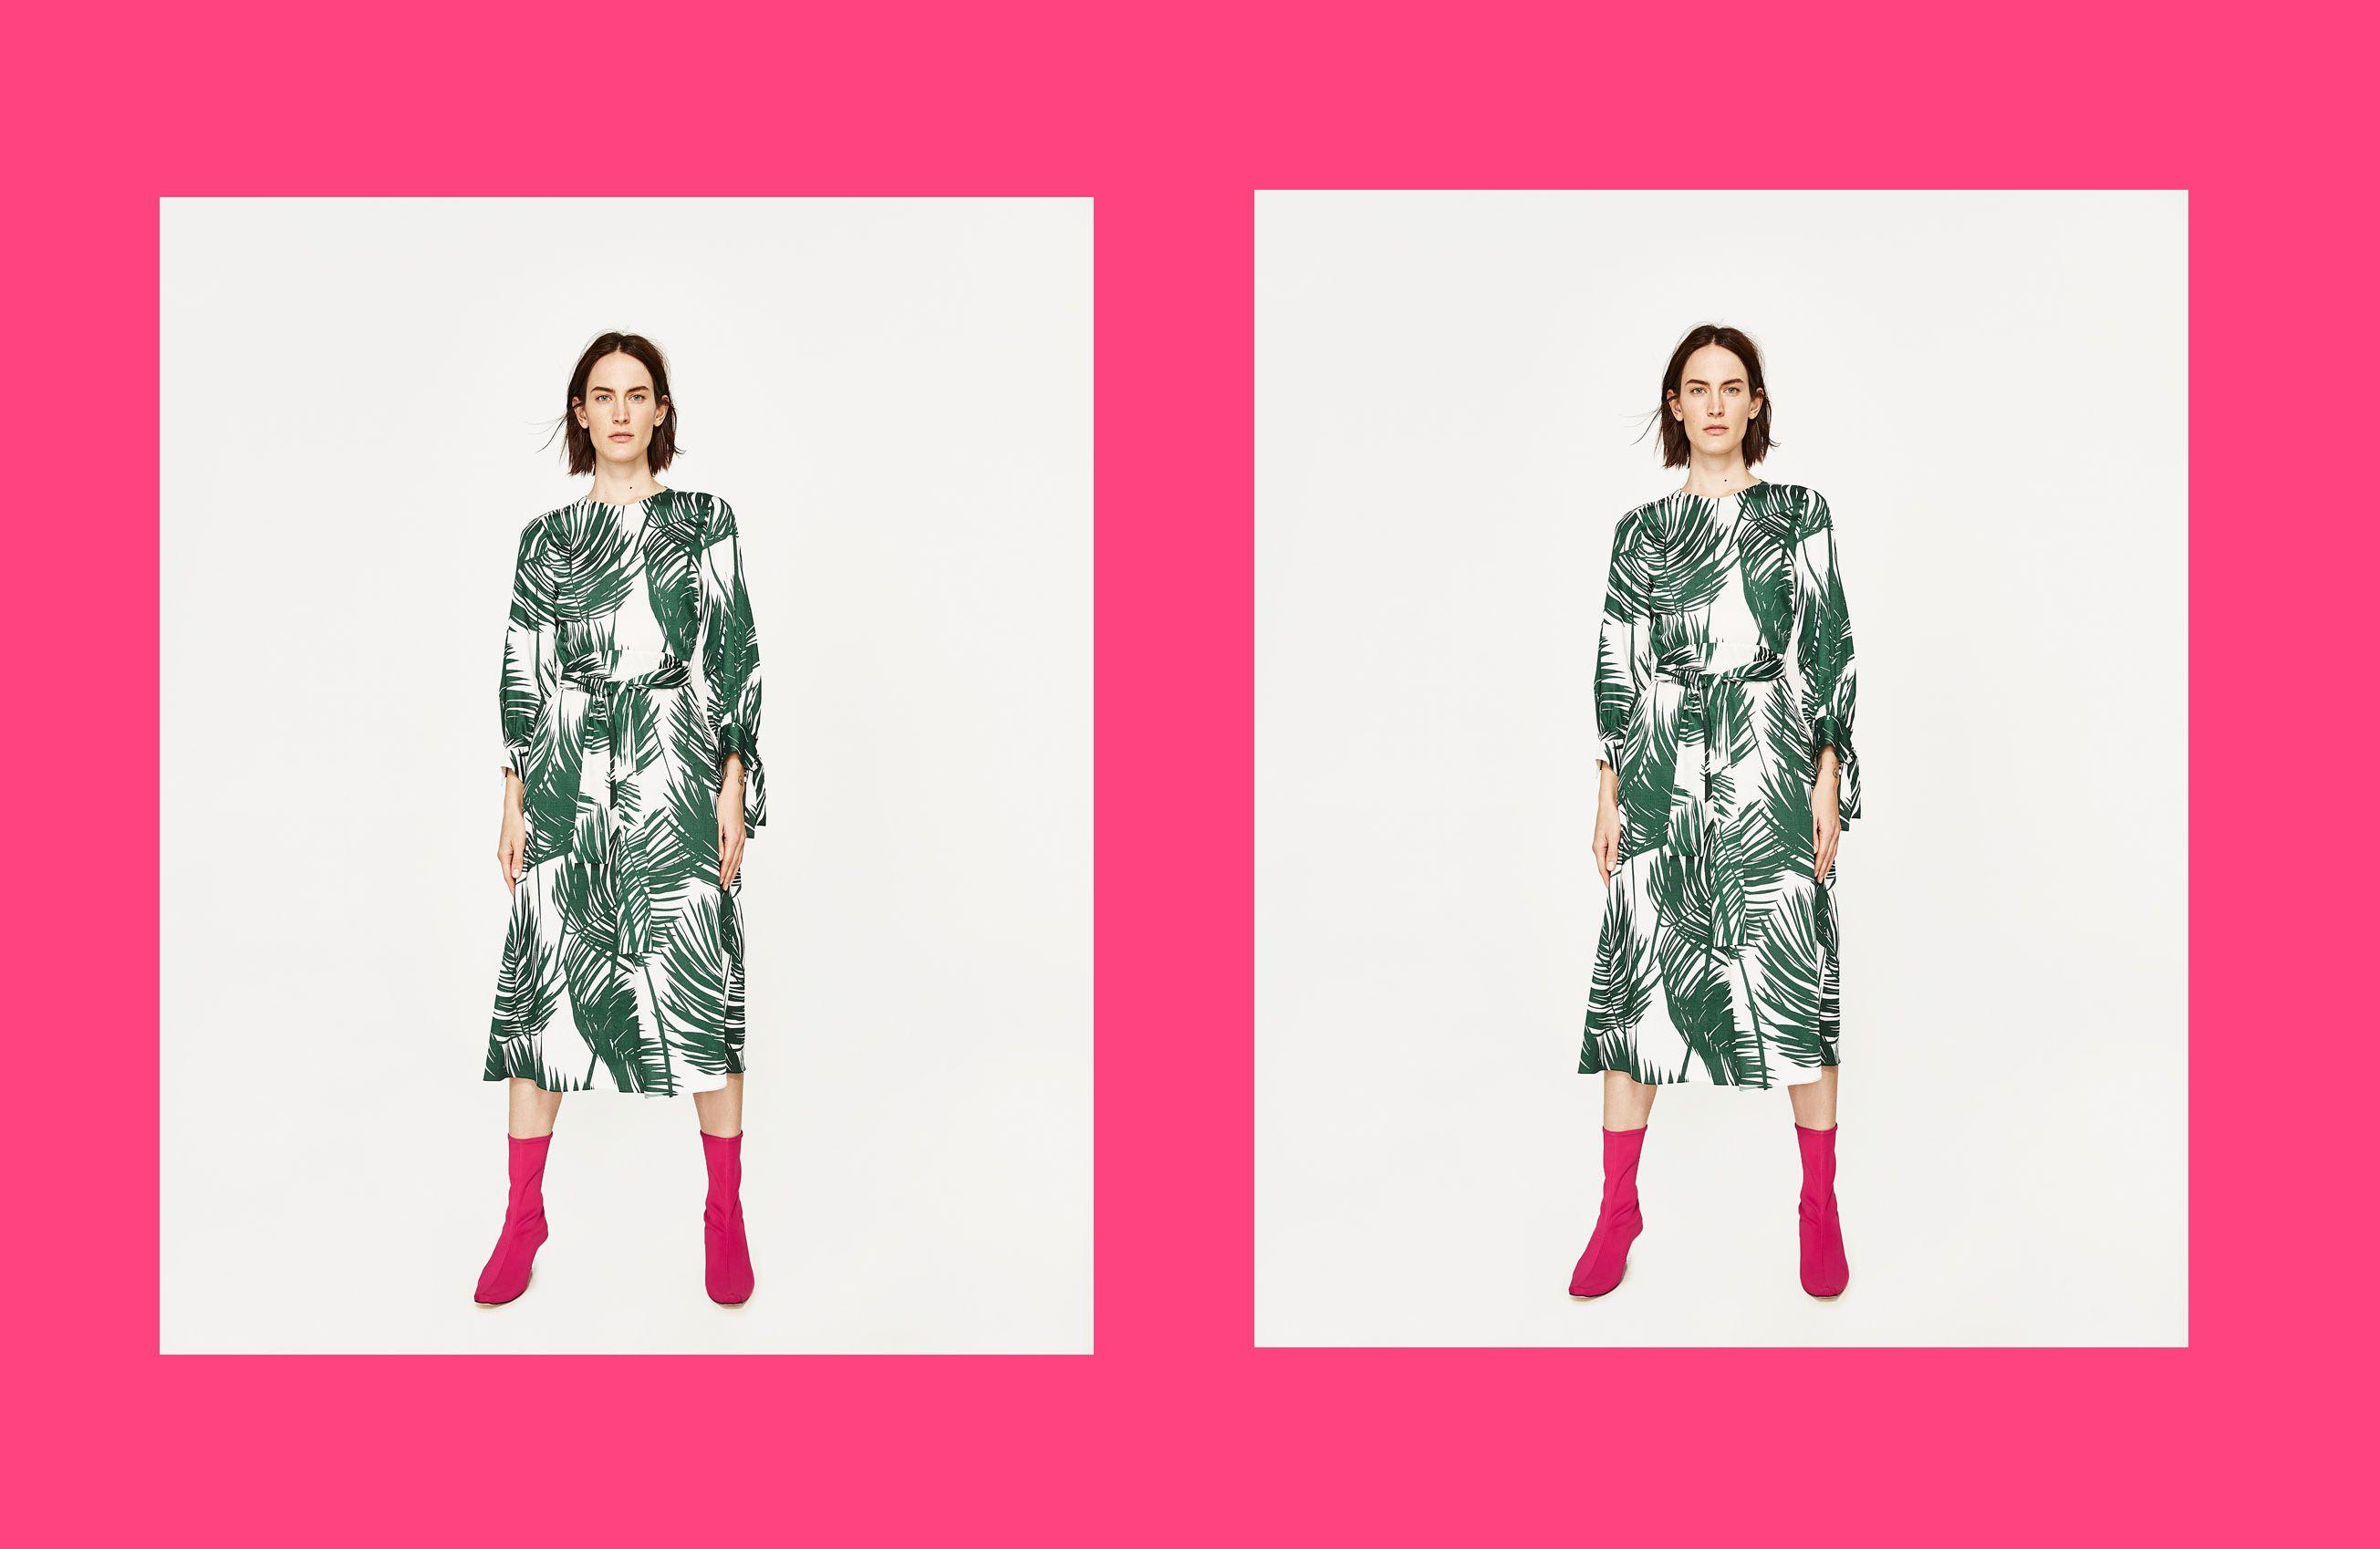 Kombinacija koju volimo: print palmi i boja fuksije